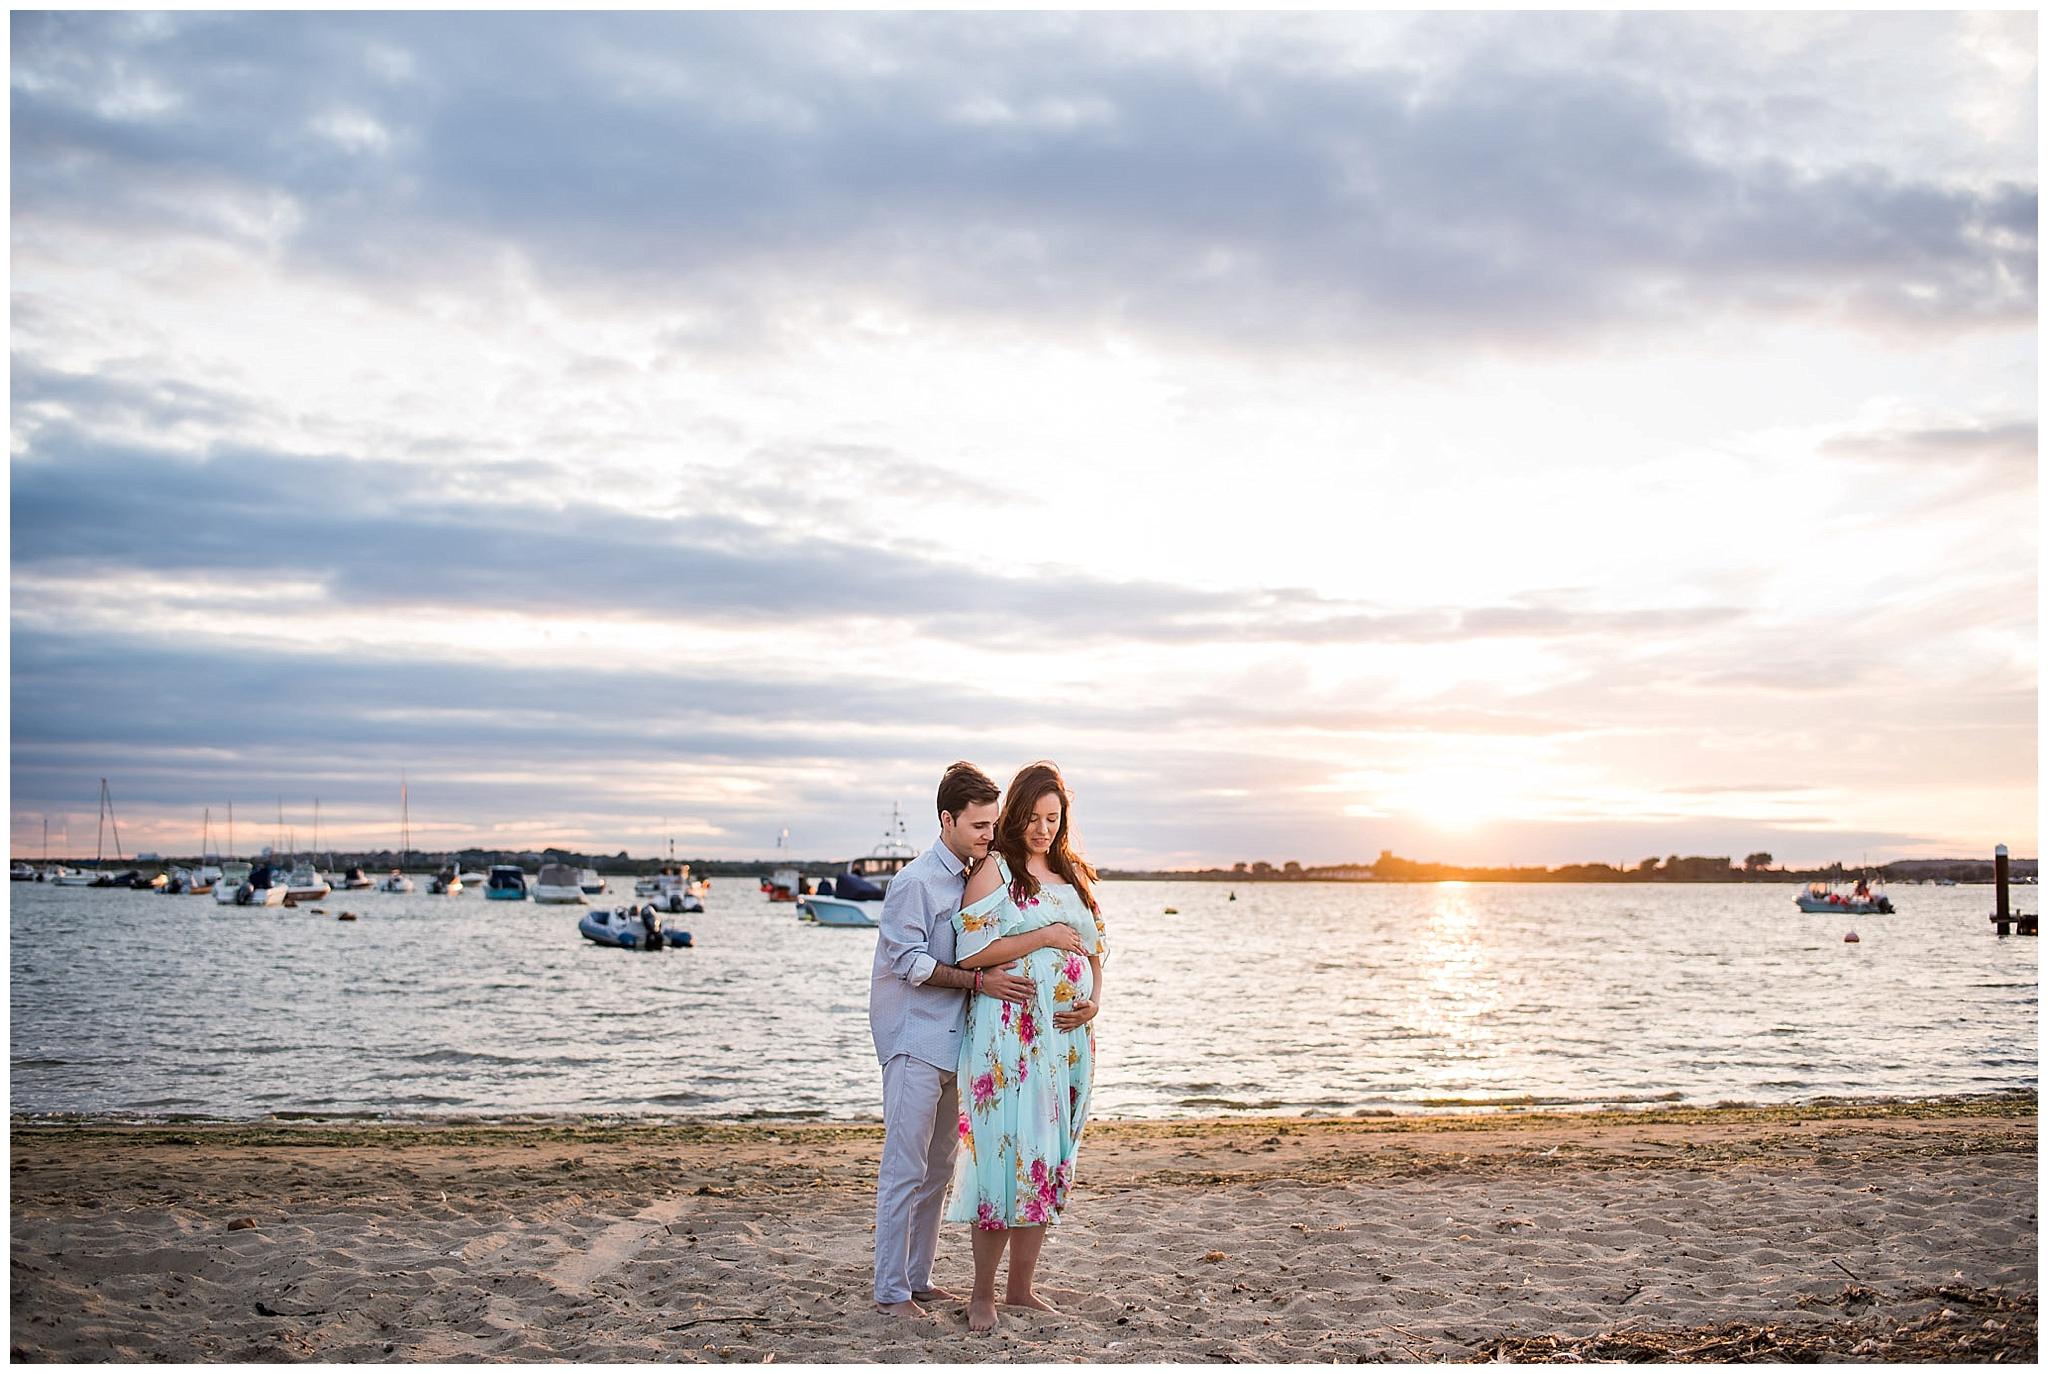 Sunset beach maternity photos Hengistbury head